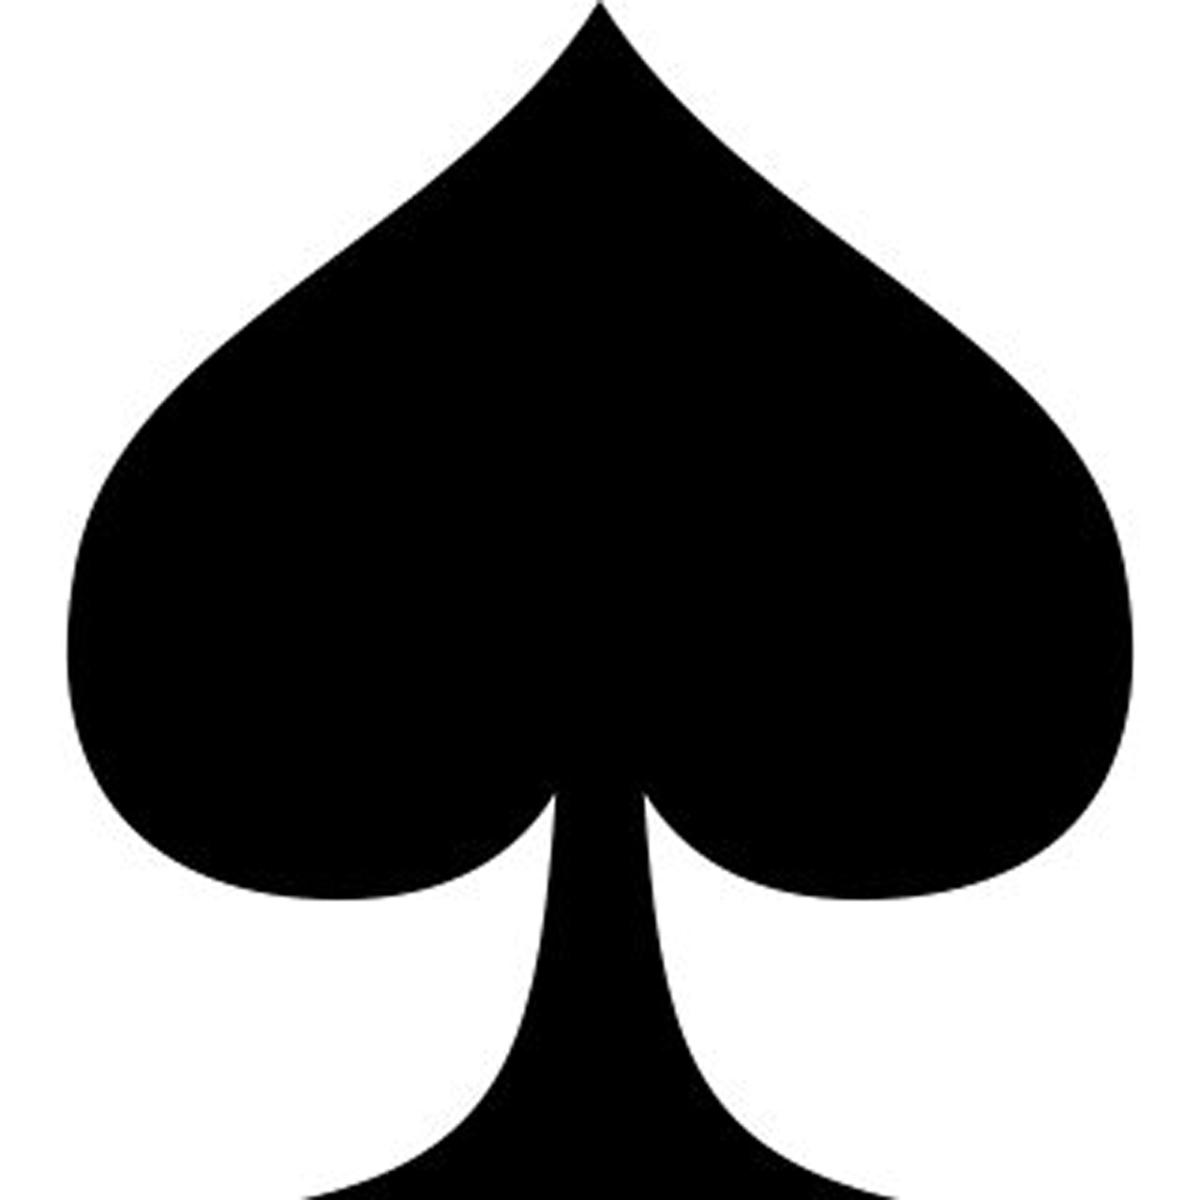 Similiar Spade Card Clip Art Keywords.